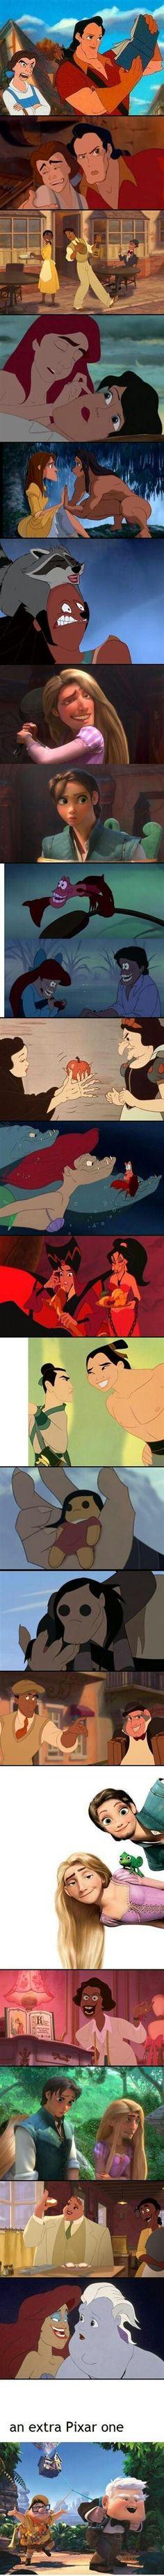 Disney swaps!